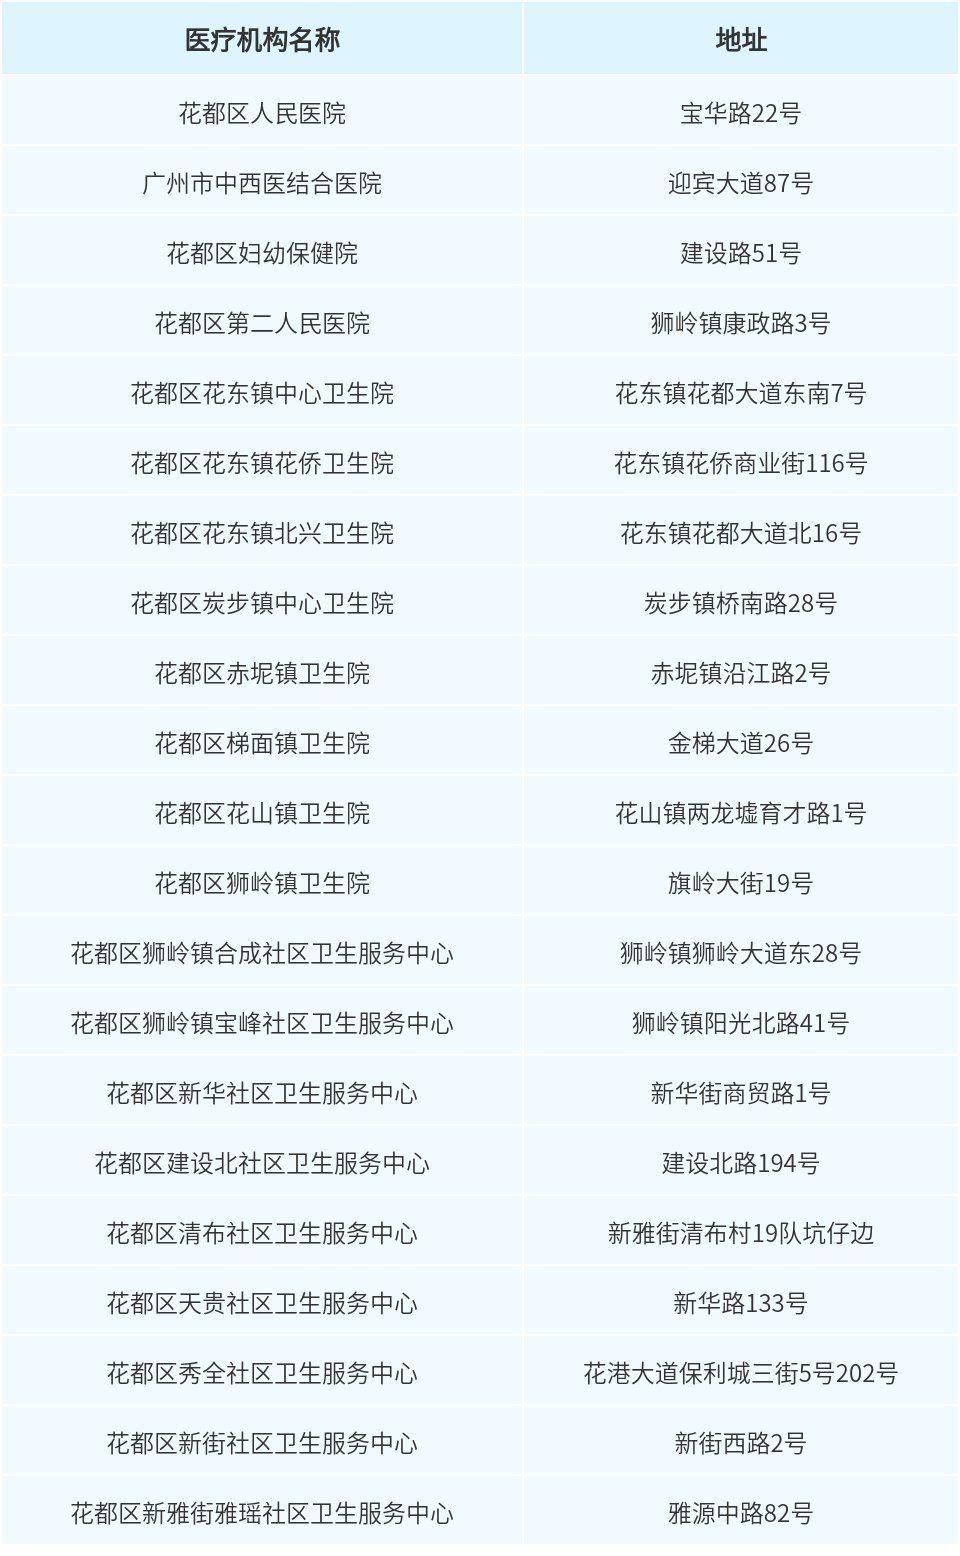 广州花都区发布紧急提醒:这几类人请马上报备!